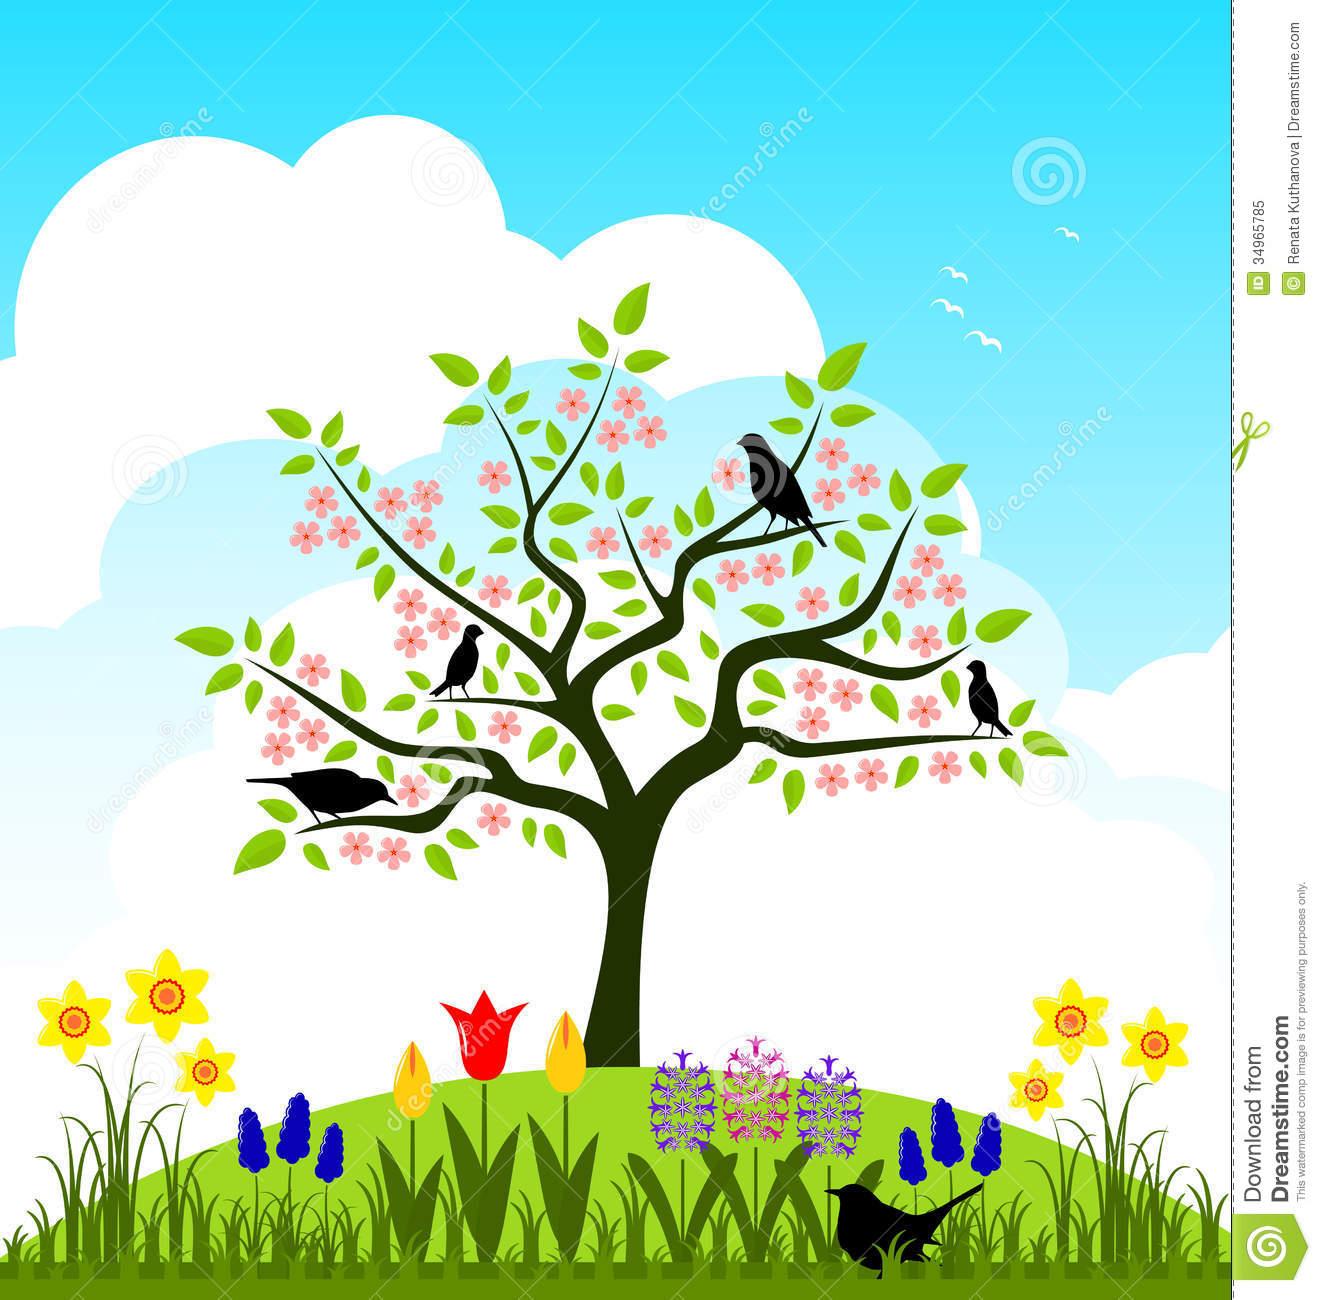 Garden Art Plus: Spring Garden Clipart